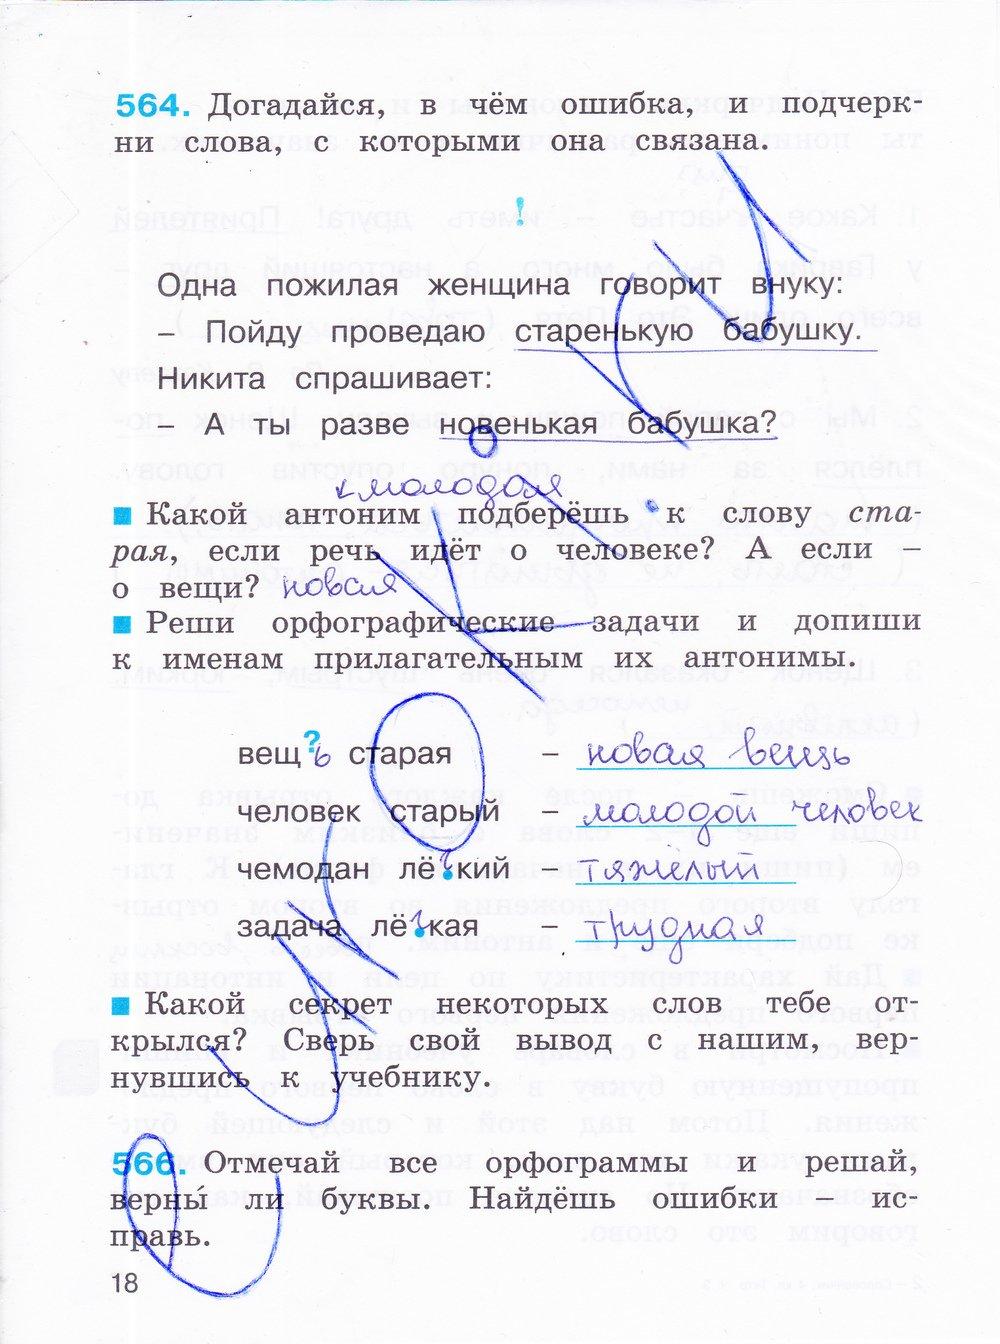 Гдз по русскому 4 класс соловейчик кузьменко онлайн